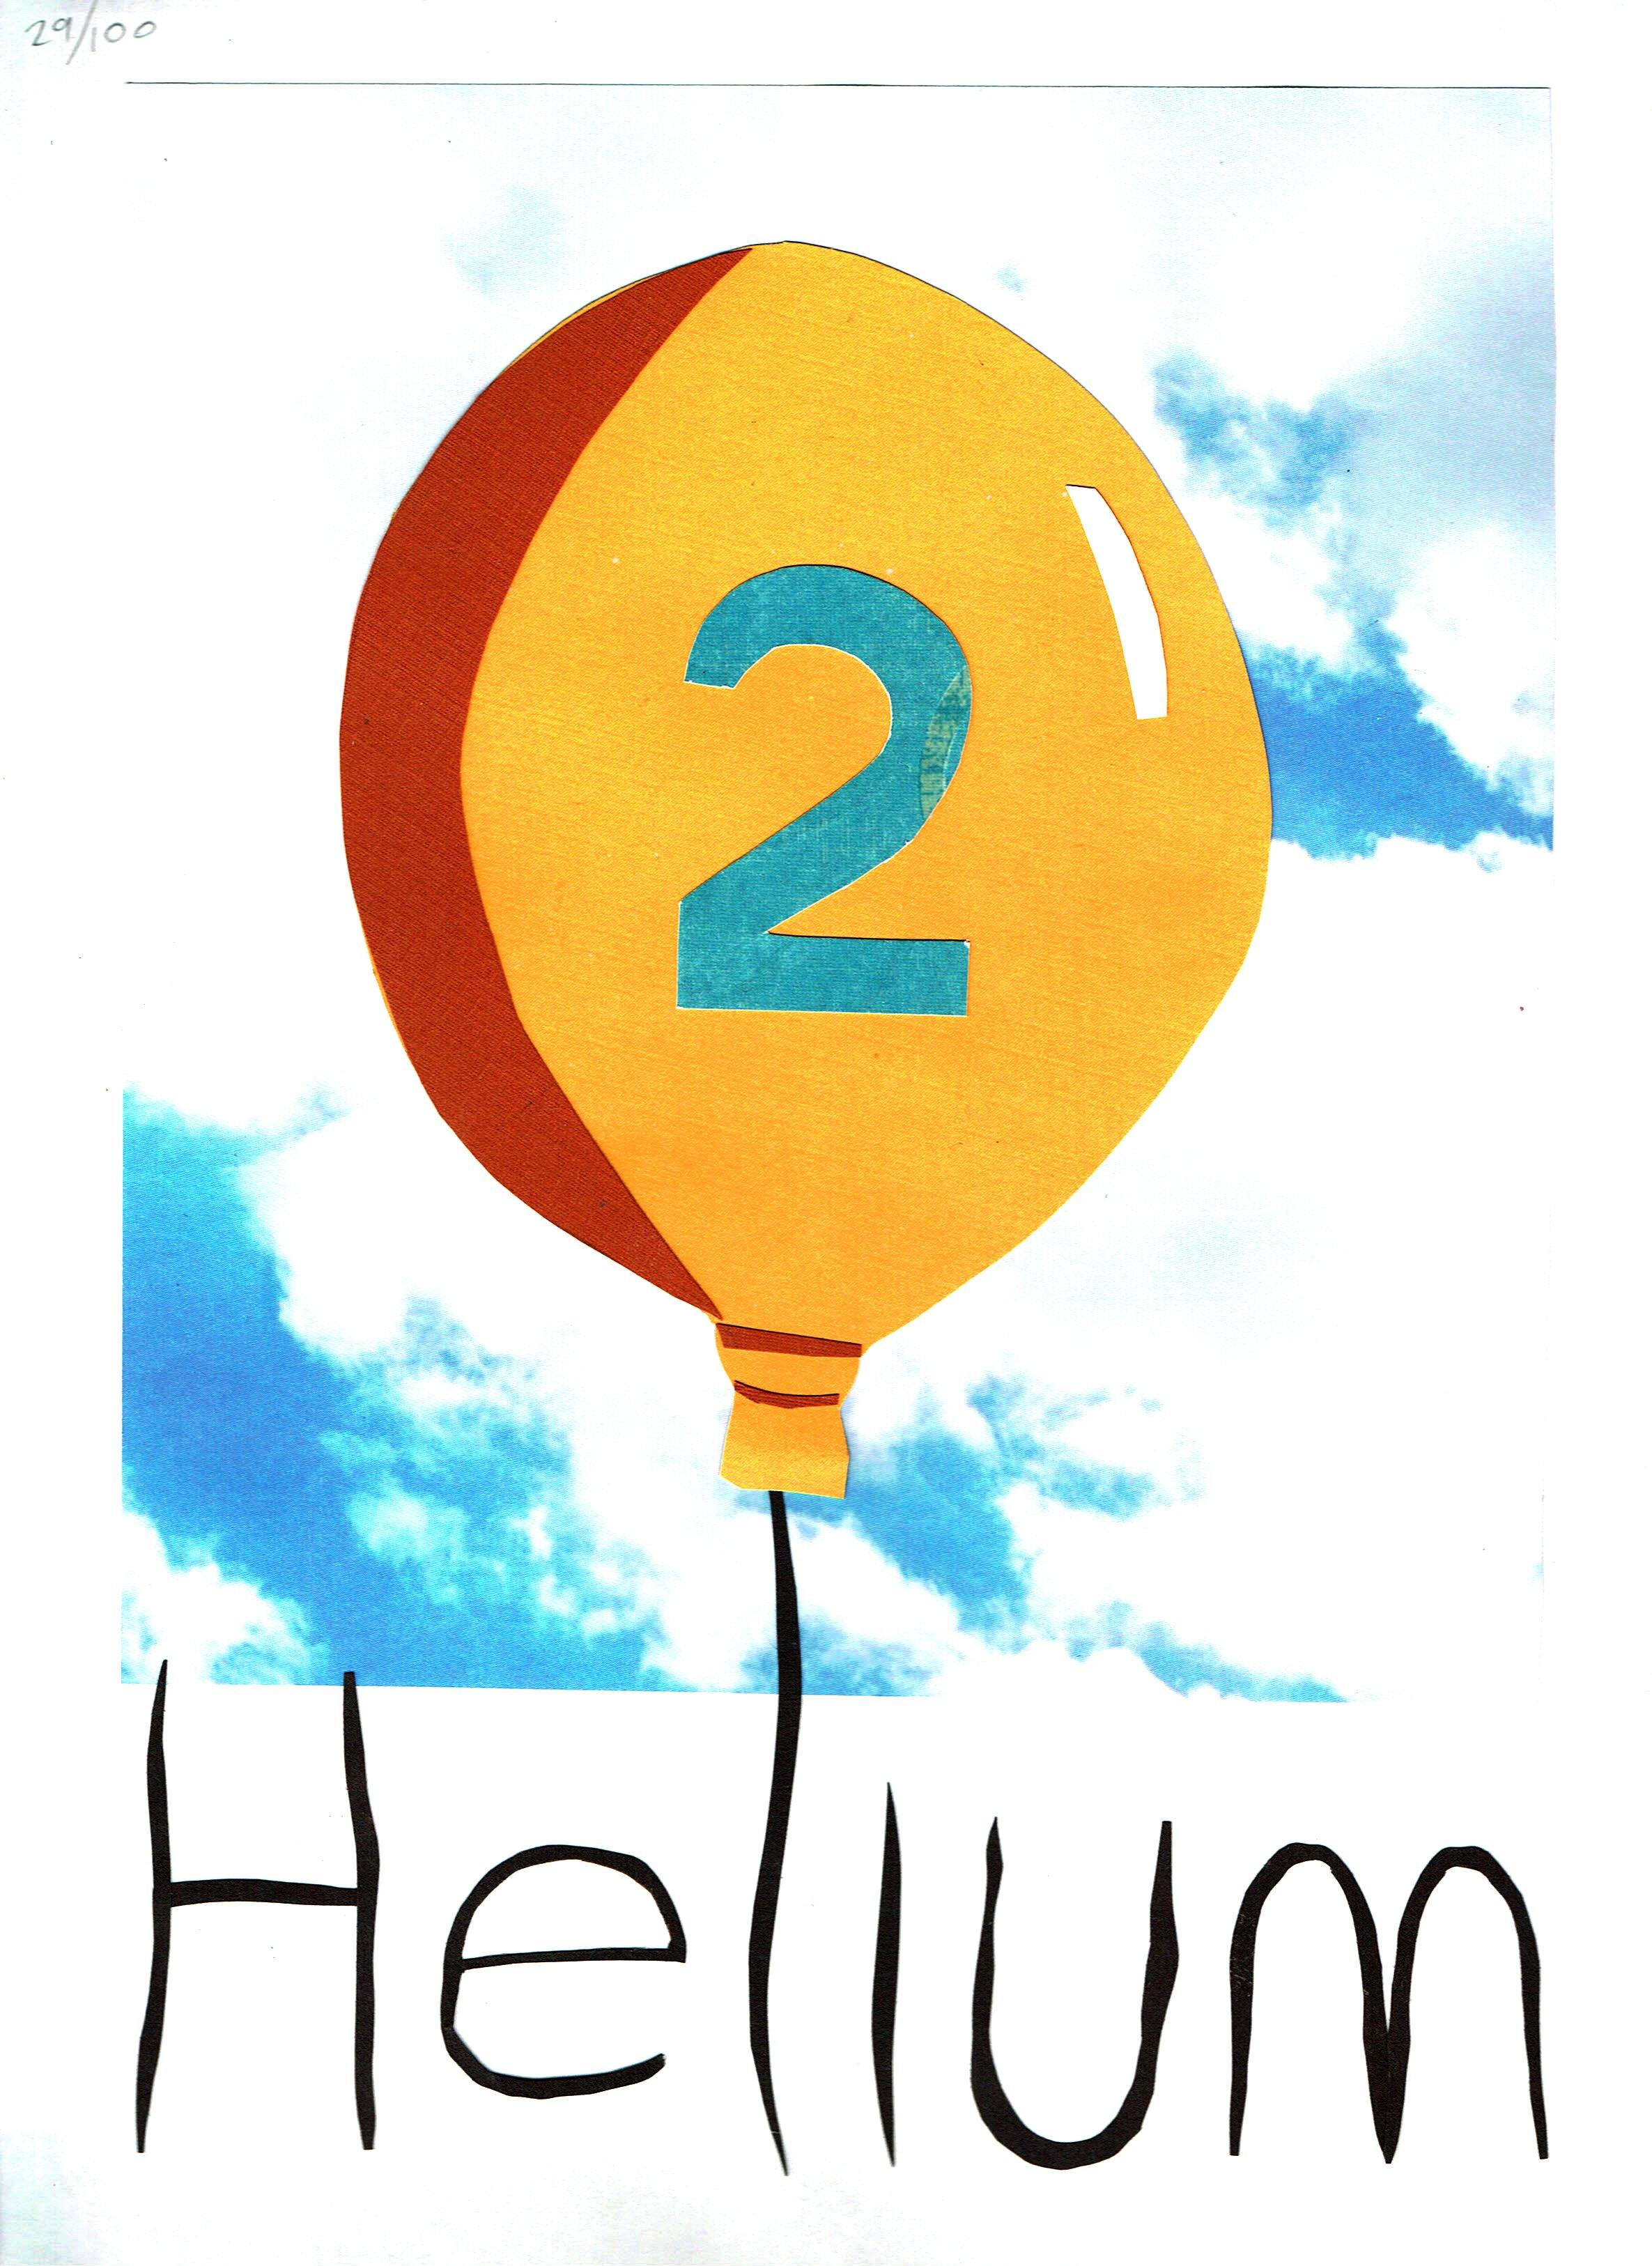 Day 29 - Helium